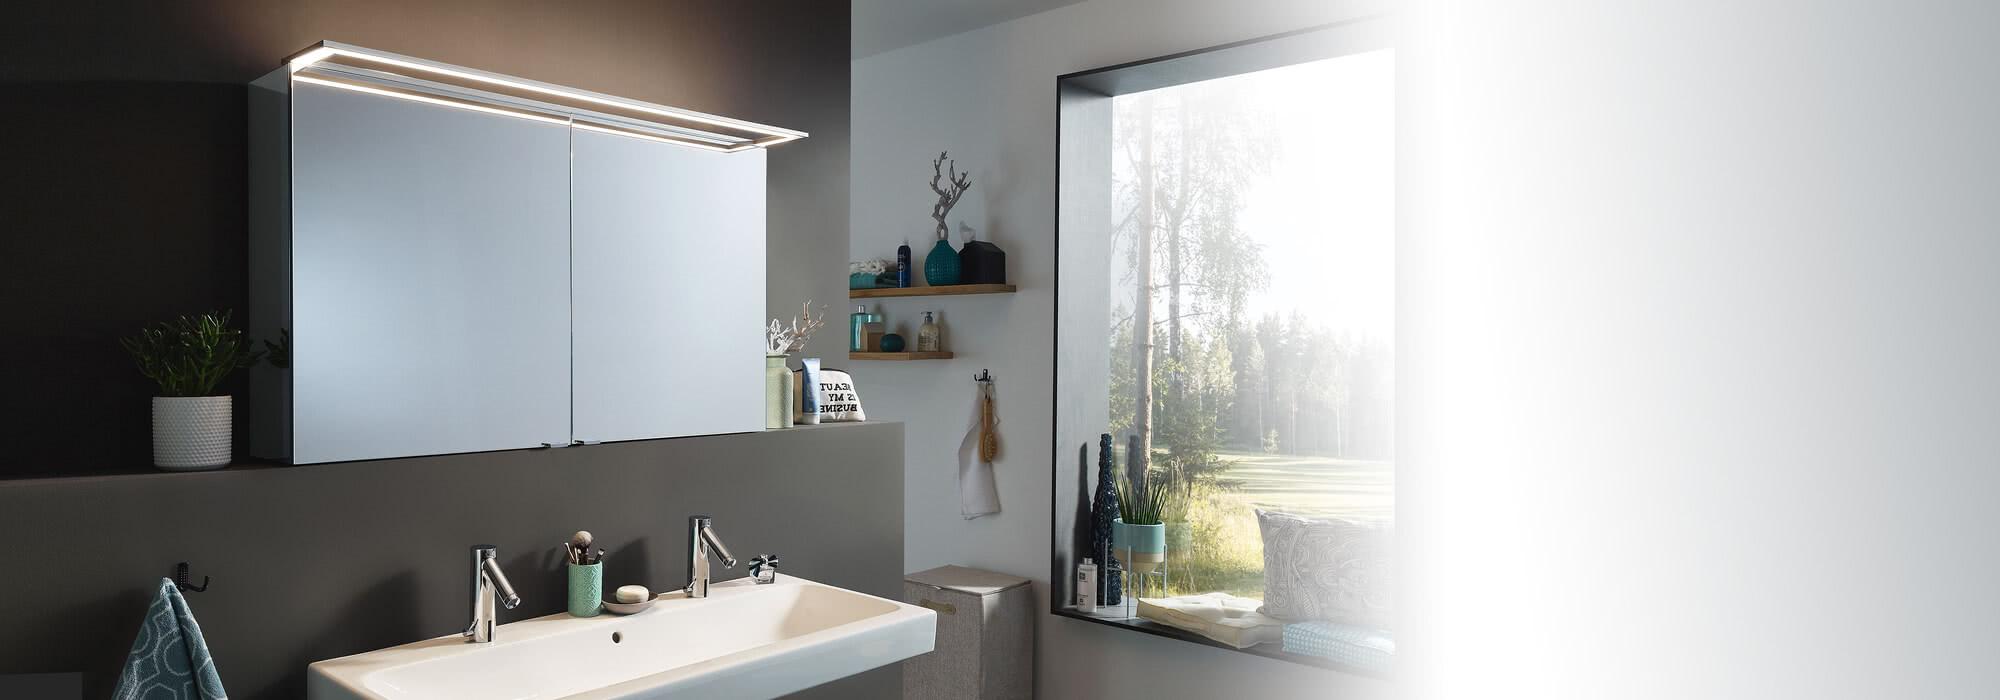 Spiegelschrank Modern-Line mit Aufsatzleuchte in Rahmenform (GLSR)